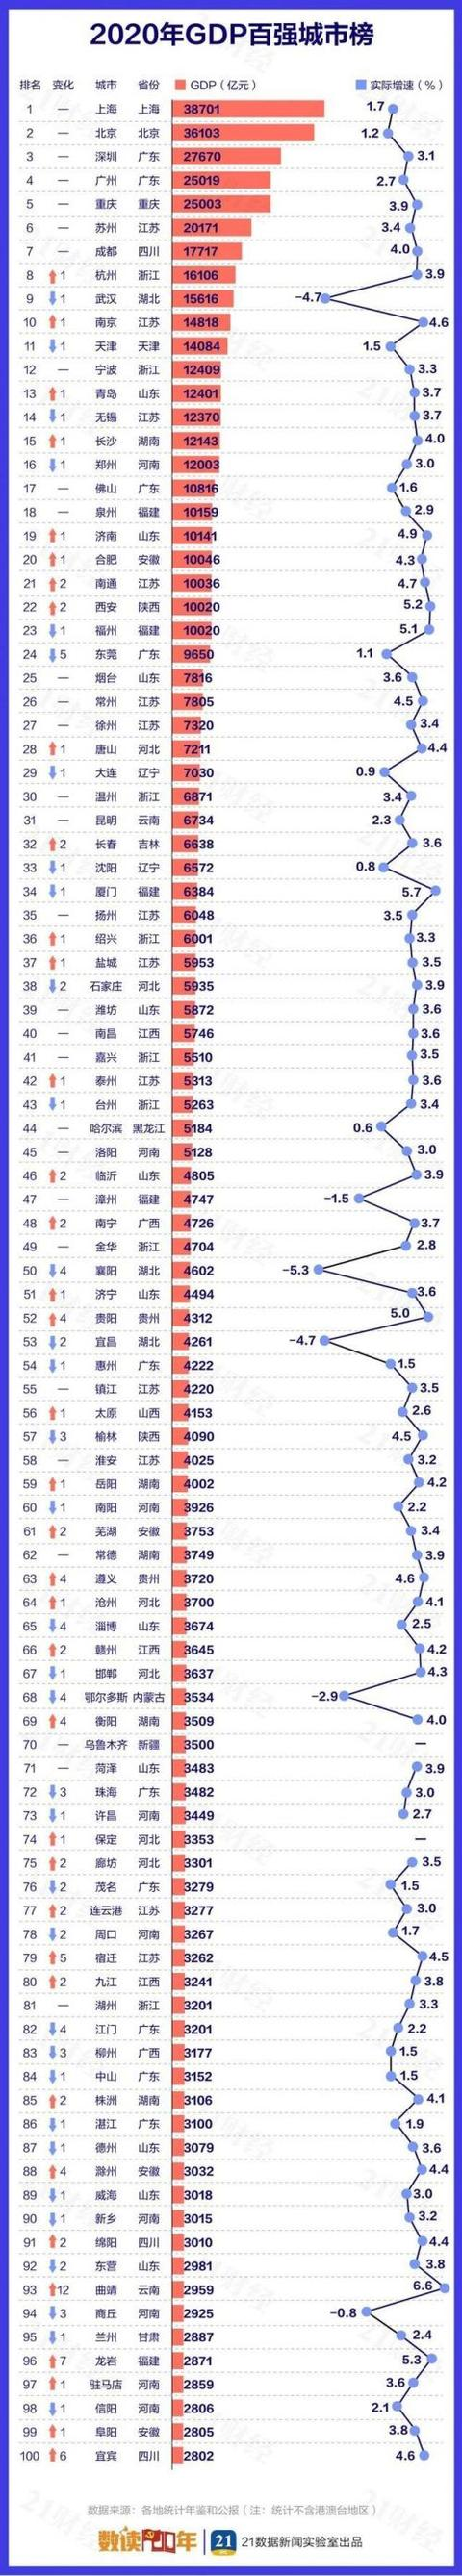 2020年全国城市GDP百强企业榜